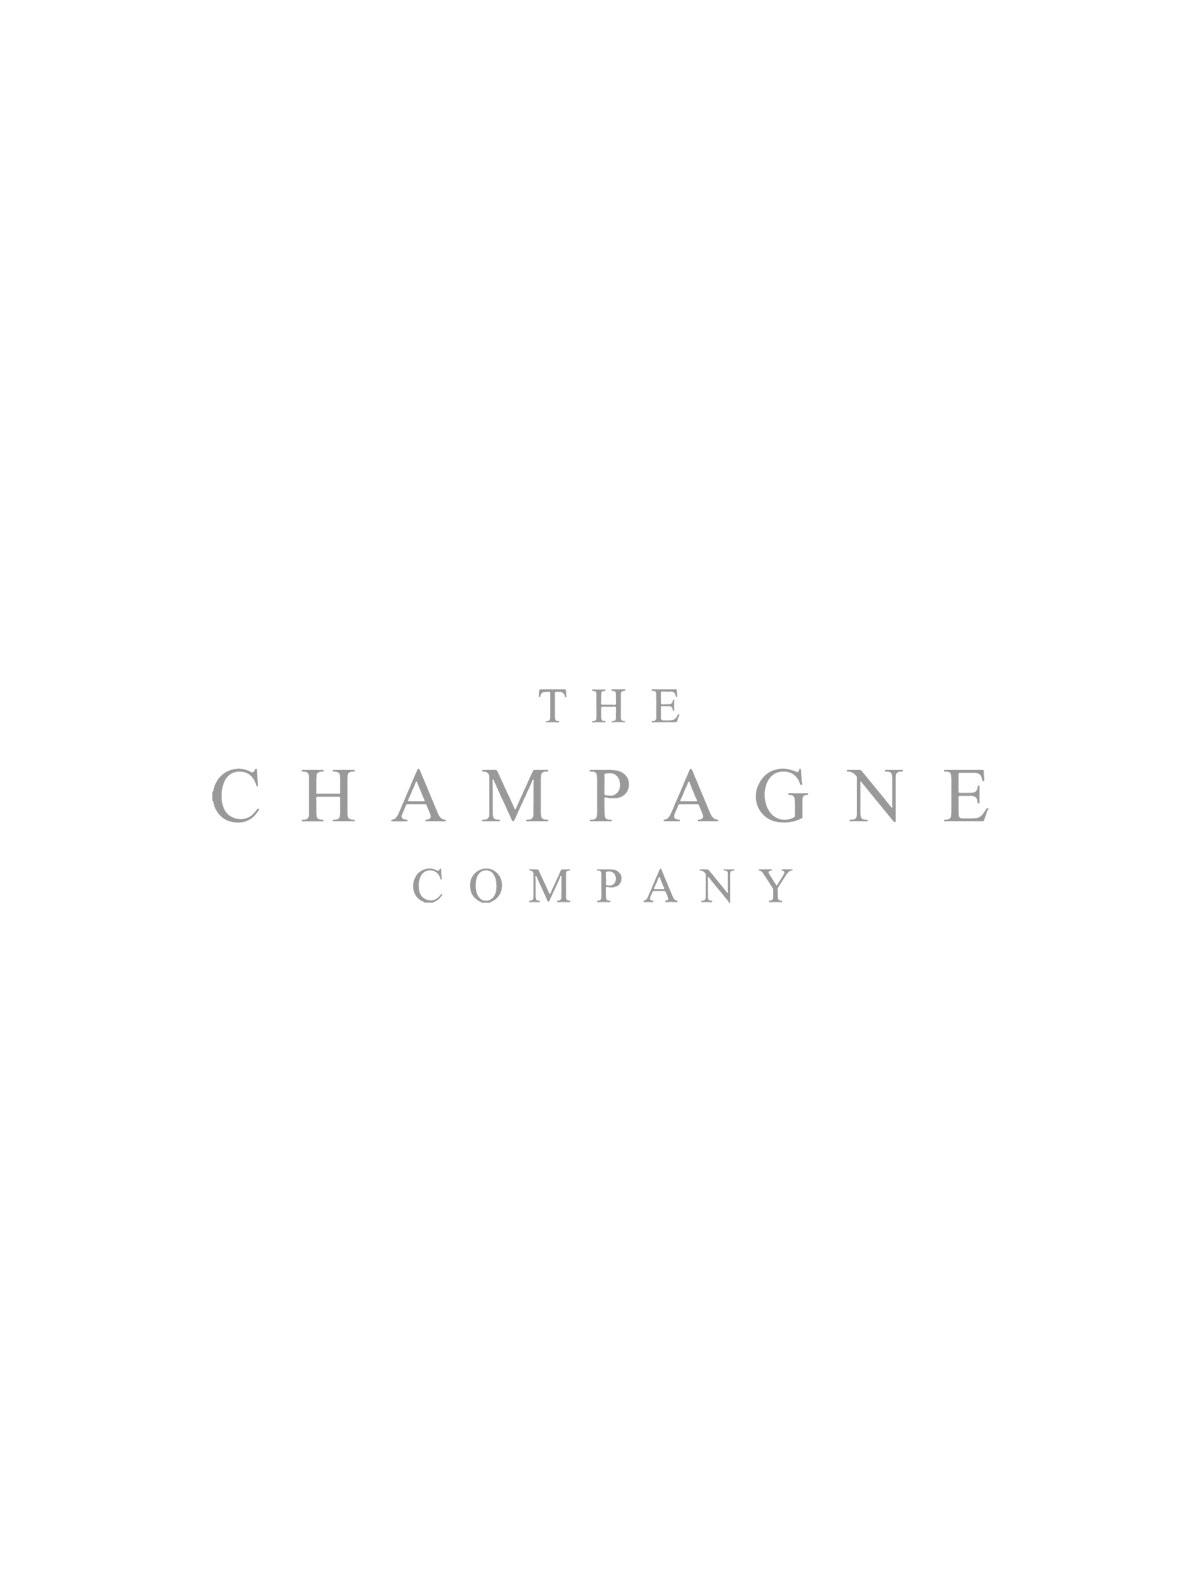 Milk Marc de Champagne Truffles Charbonnel & Walker 135g